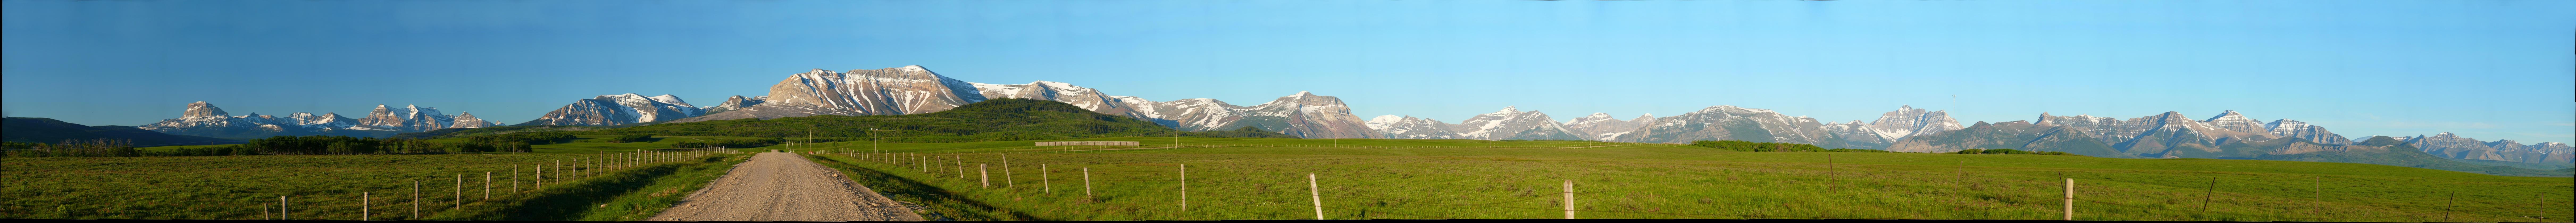 Chief Mountain panorama 10.jpg